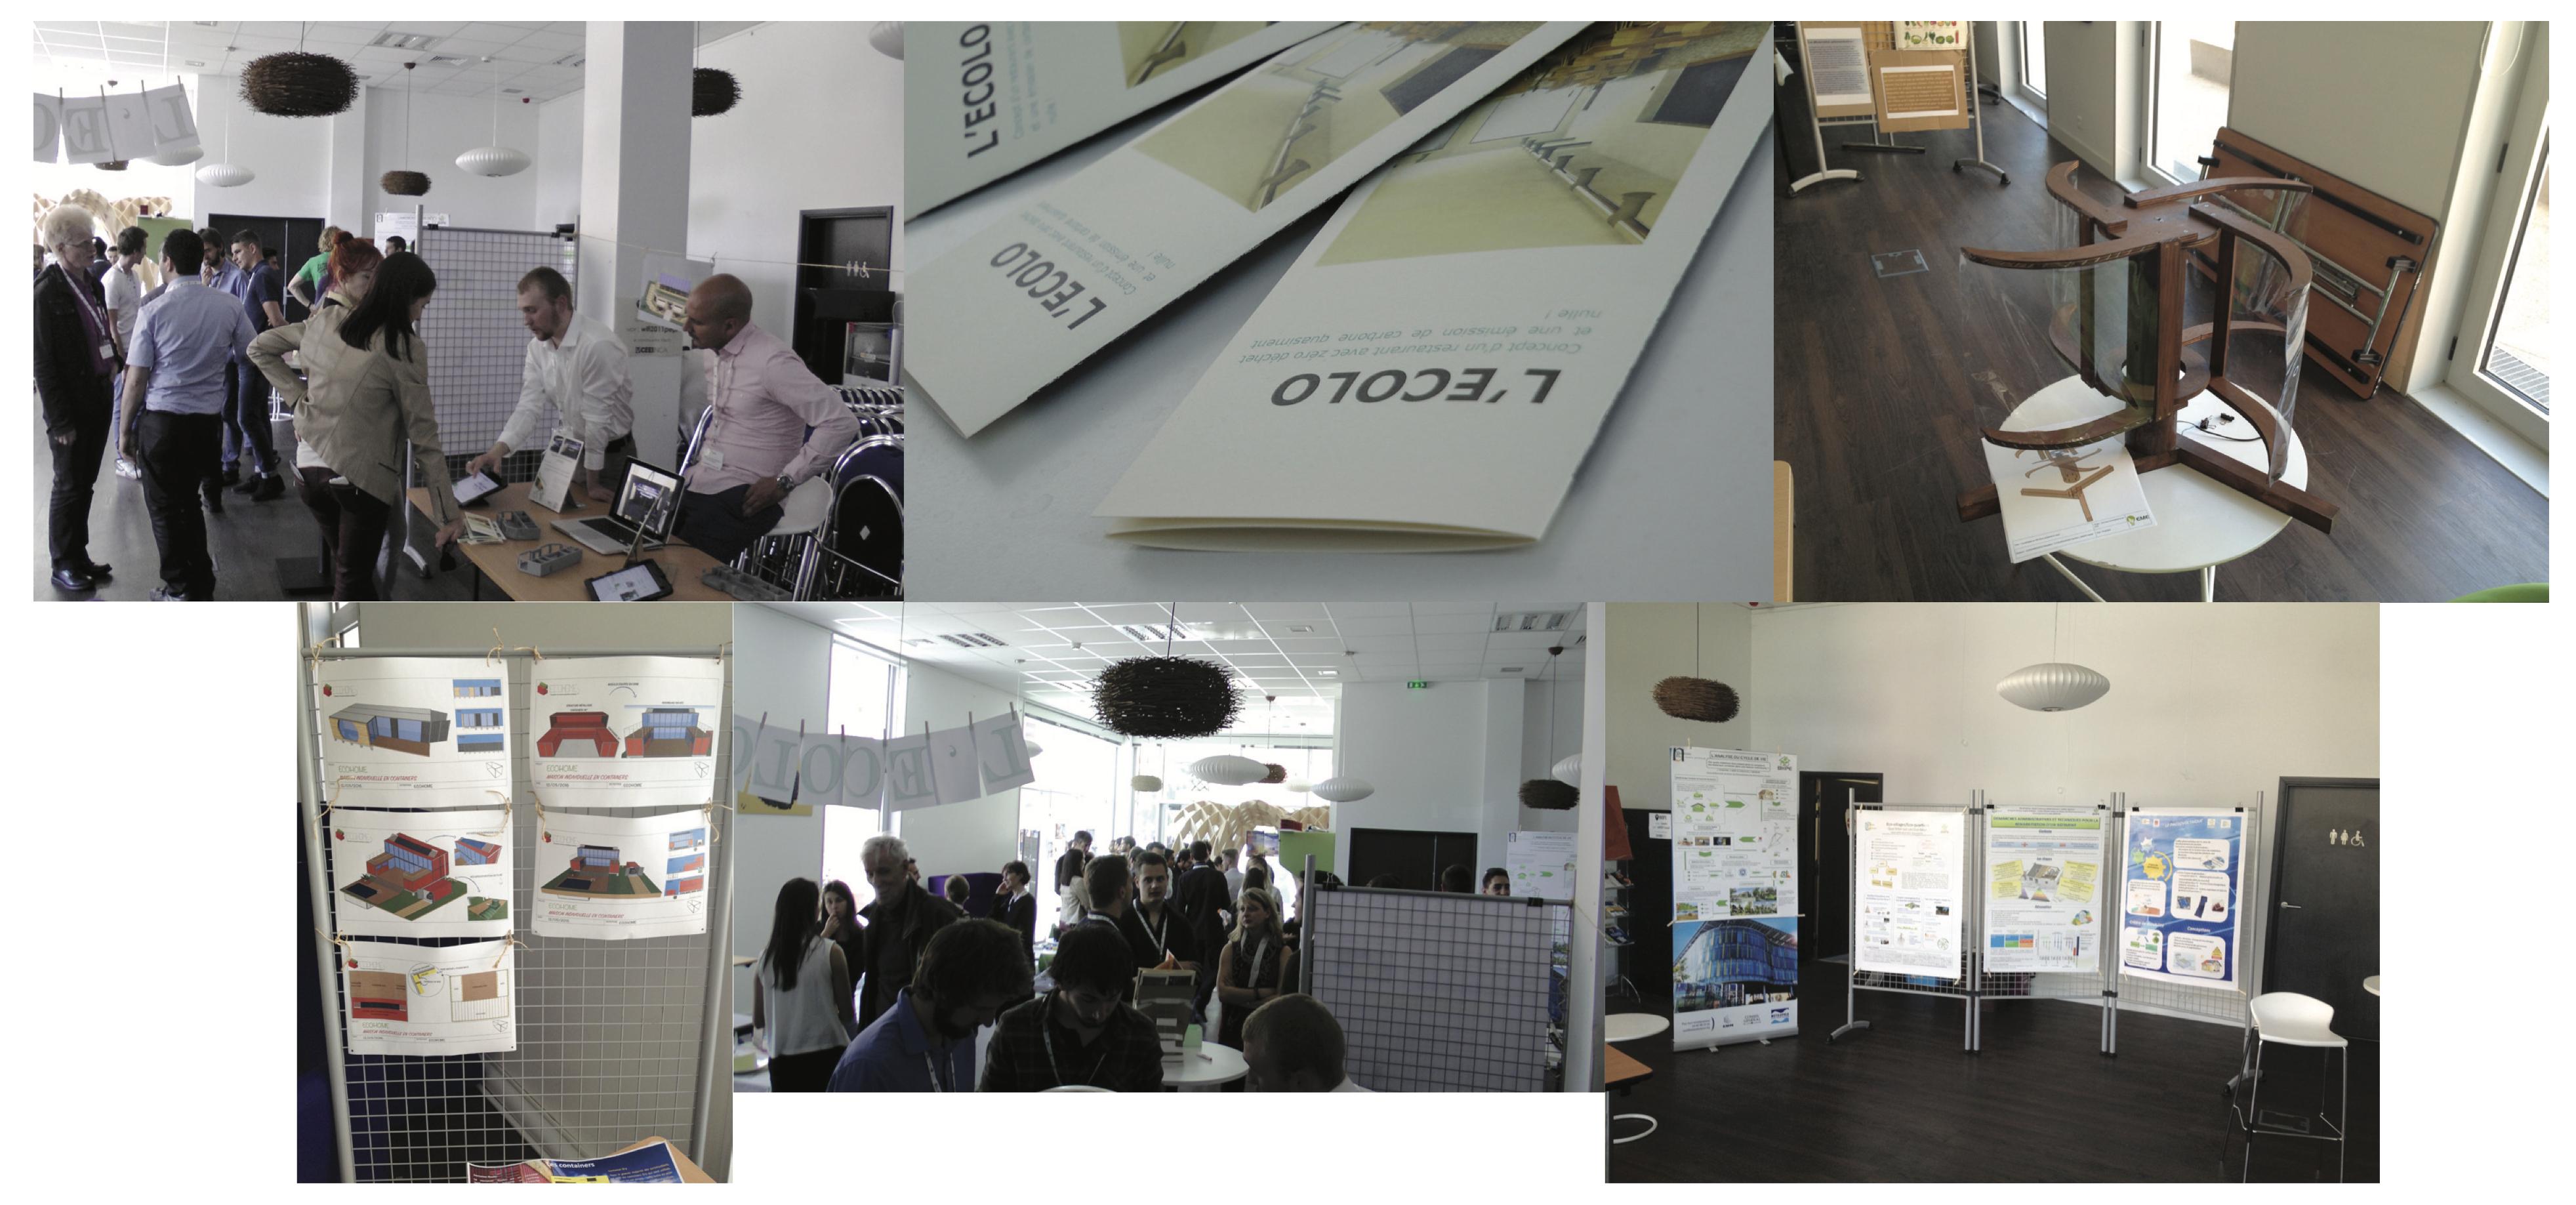 La journée fût une réussite grâce à l'investissement des alternants des formations LP BHPE, M1 EME et M2 MQM et des orateurs !